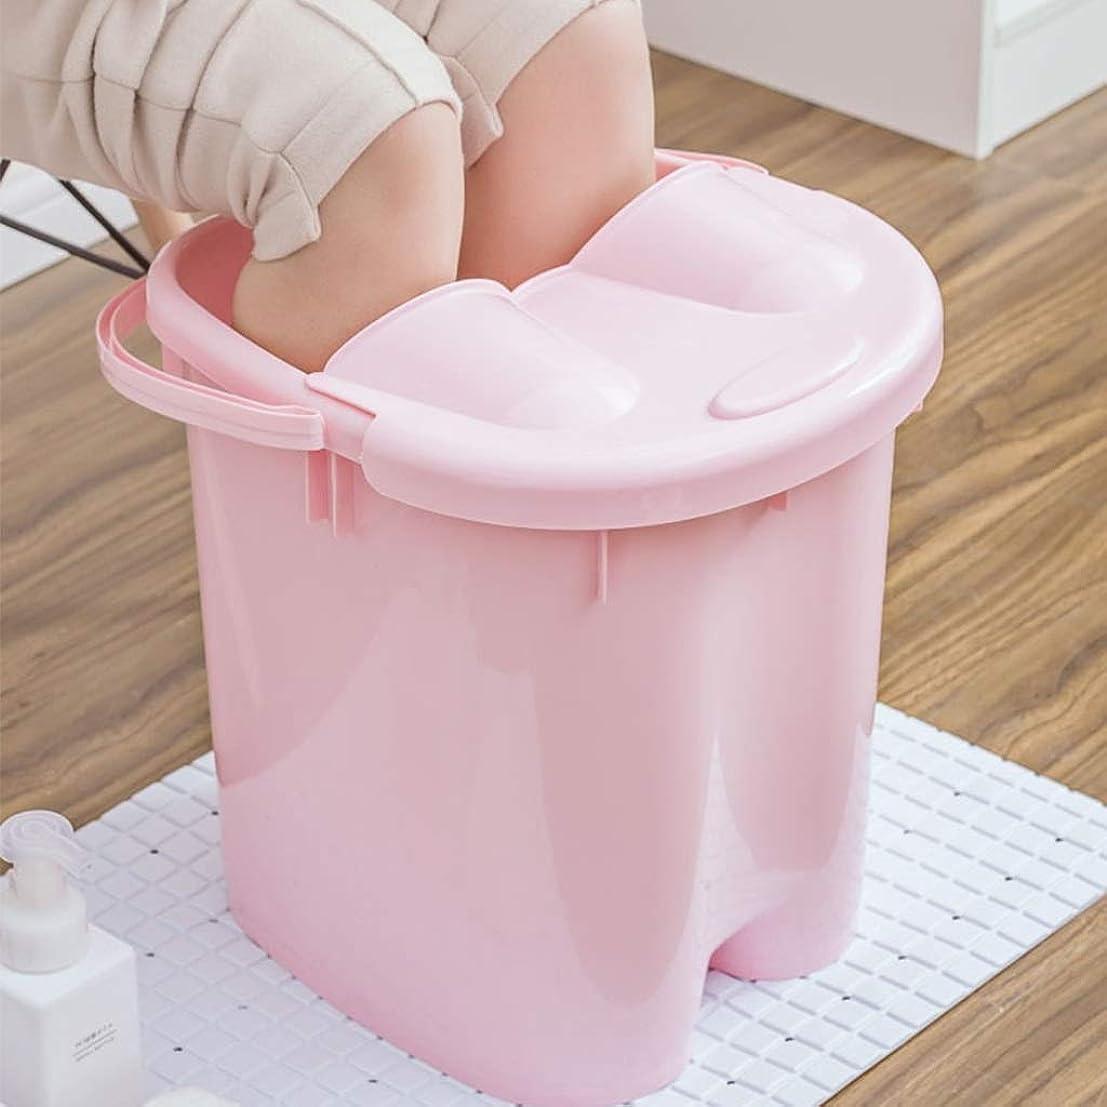 ペッカディロ粘り強いブロンズフットバスバレル- ?AMTシンプルな和風マッサージ浴槽ポータブル足湯バケツプラスチック付きふた保温足浴槽 Relax foot (色 : Pink, サイズ さいず : 39cm high)